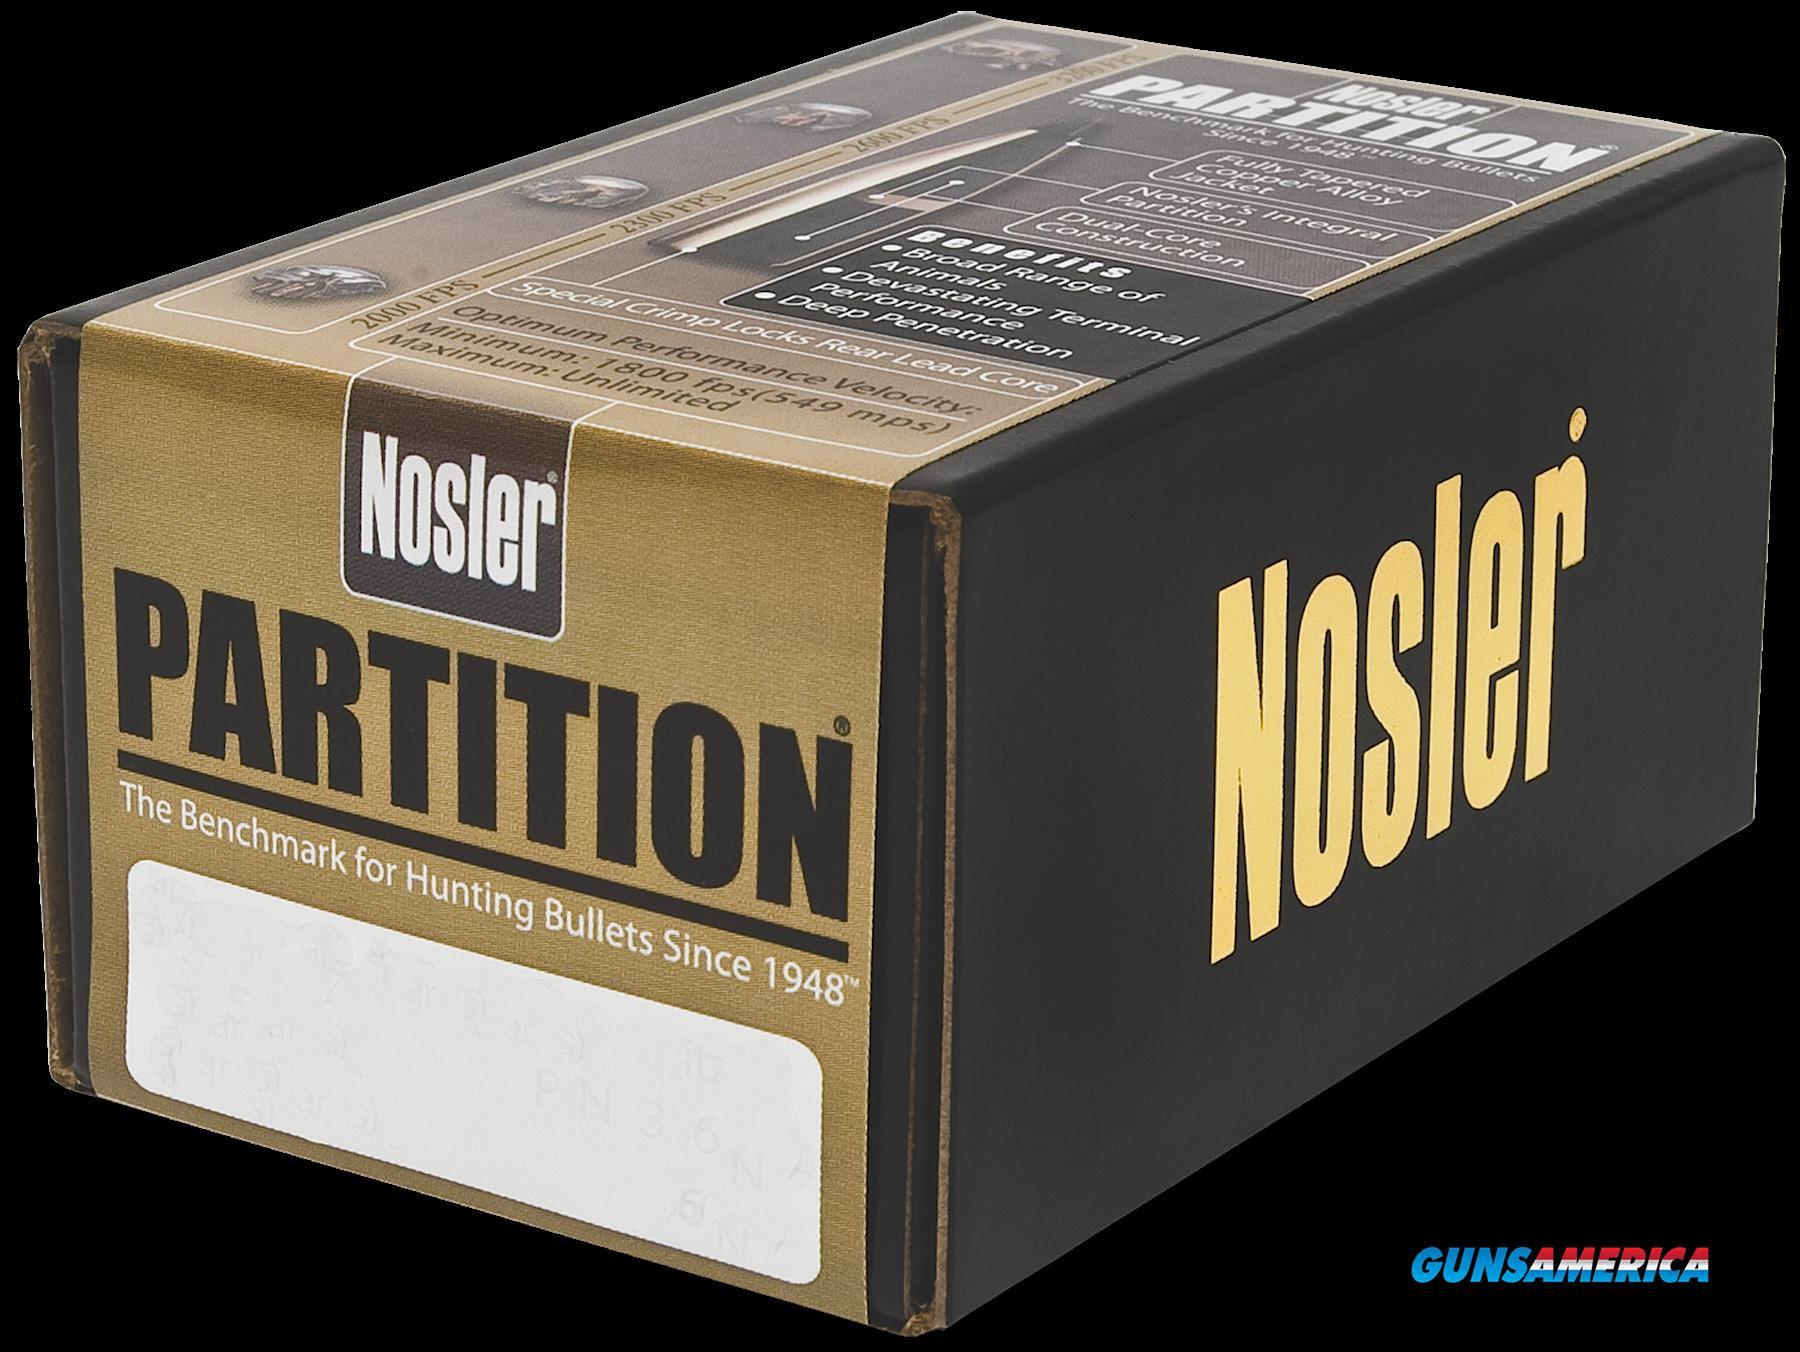 Nosler Partition, Nos 16331 Partition   30 180 Sptzr  50  Guns > Pistols > 1911 Pistol Copies (non-Colt)